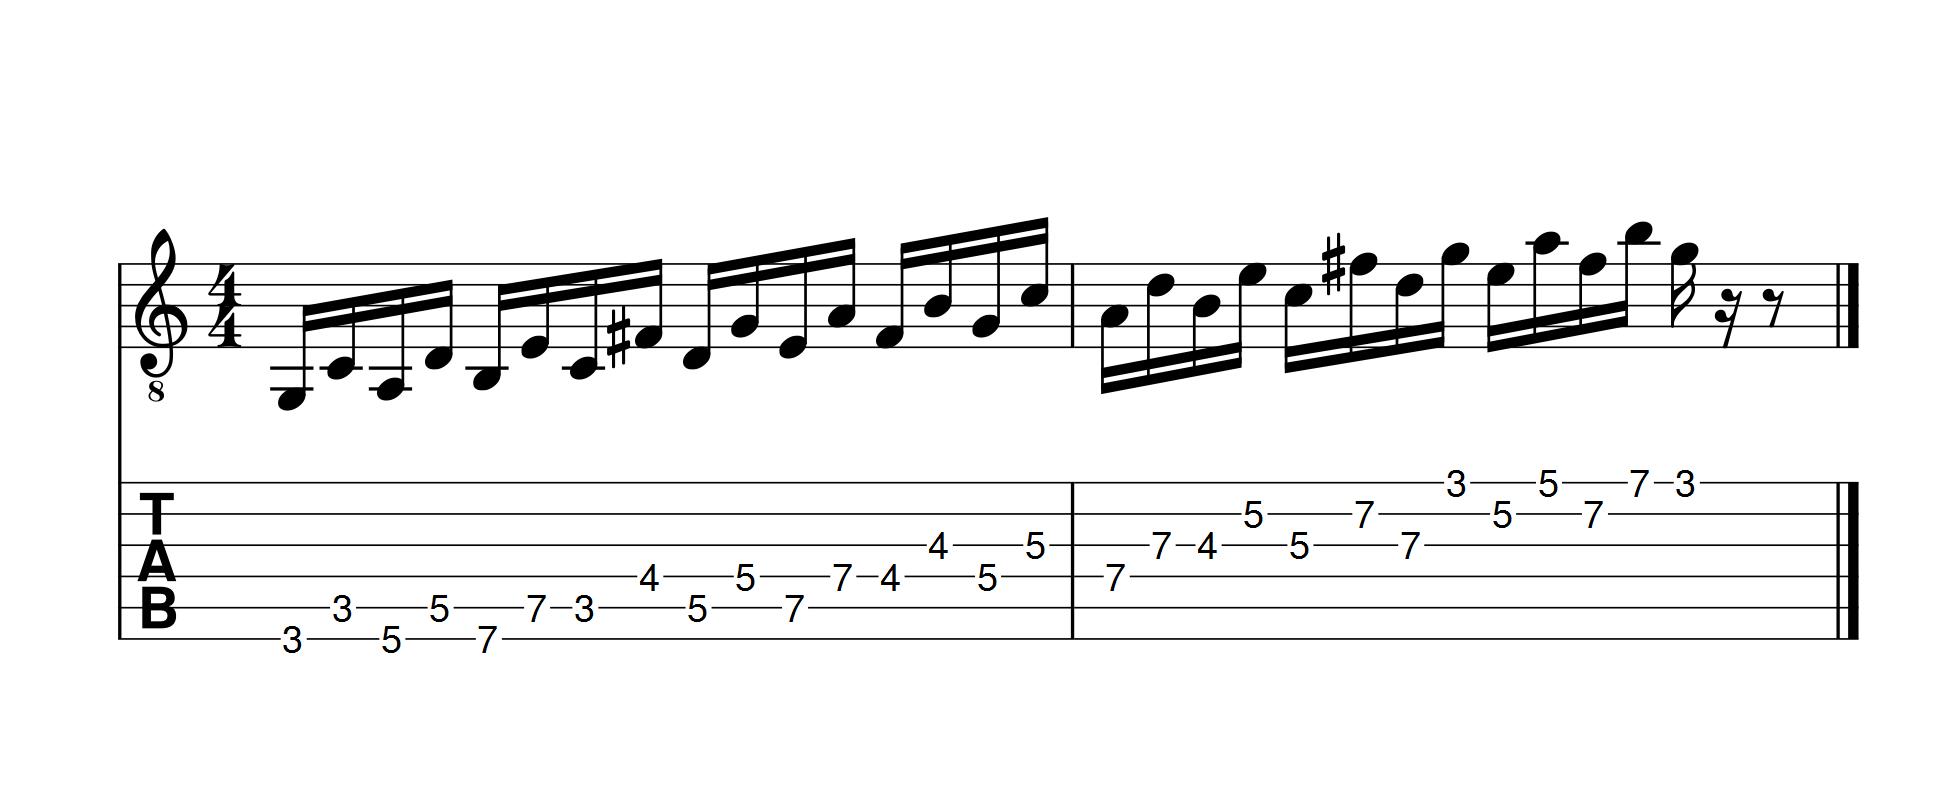 gamme-majeure-jouée-avec-des-ecart-de-4-notes